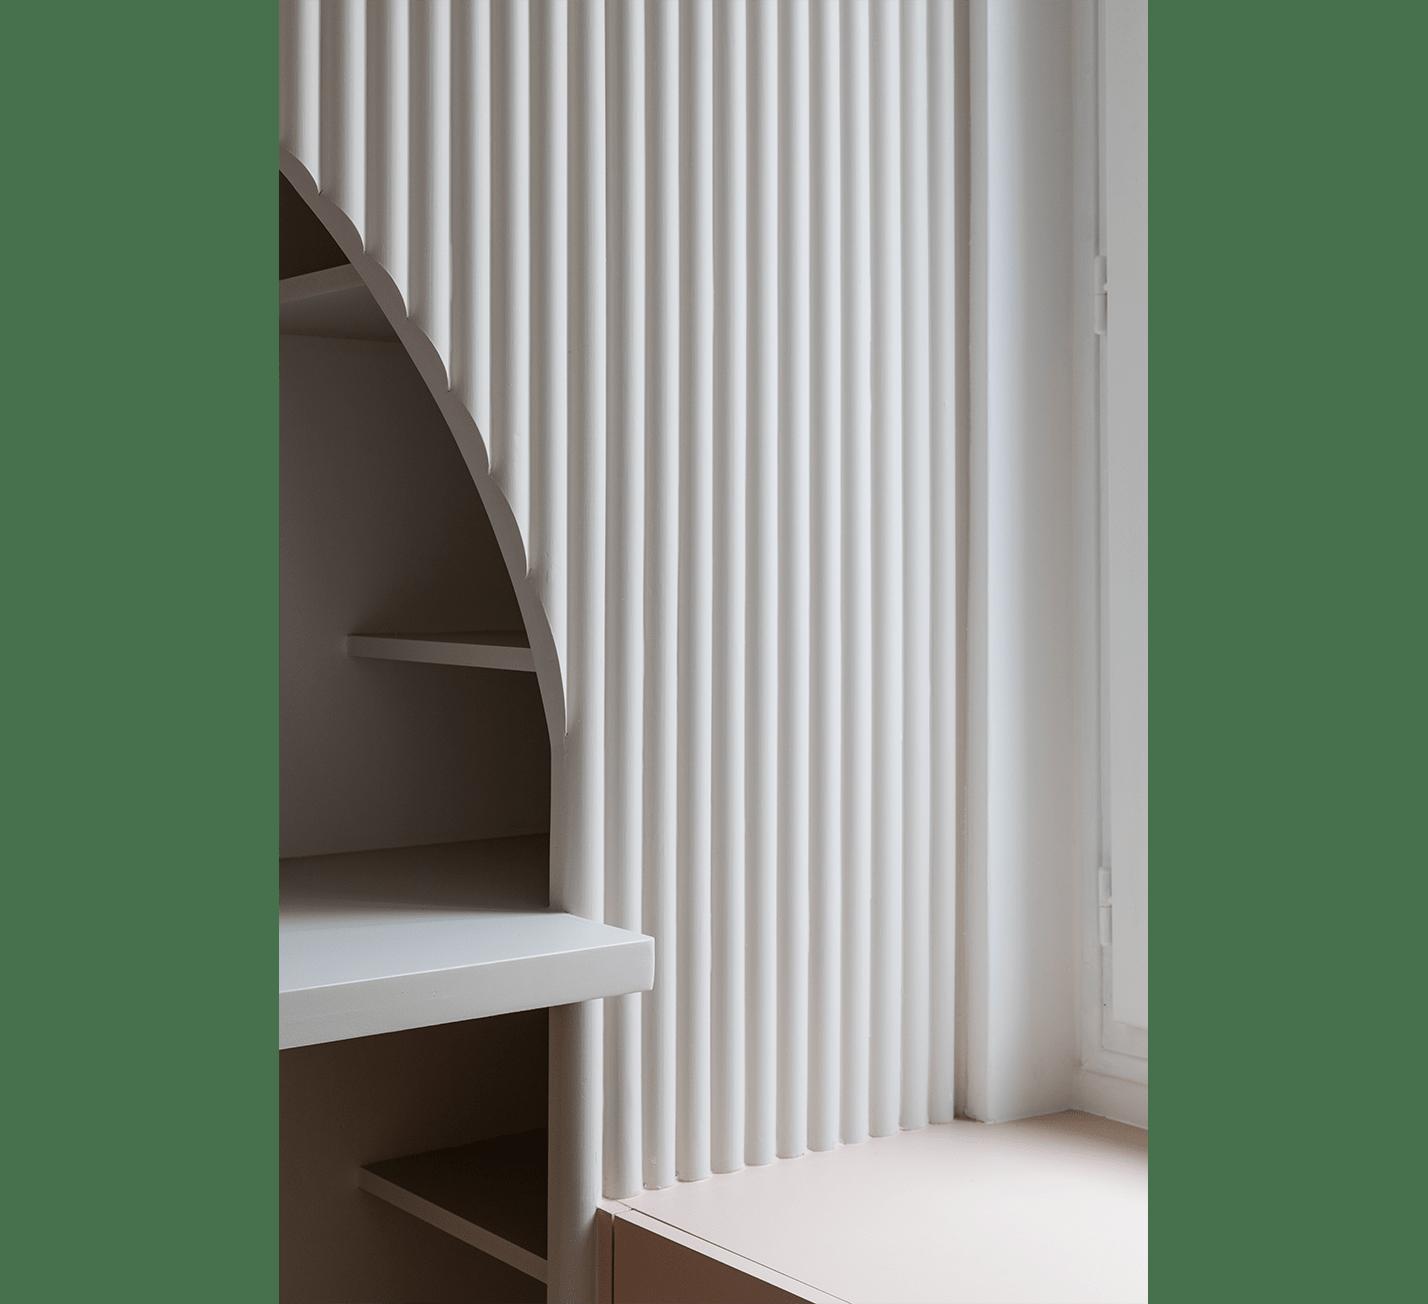 Projet-Georges-Atelier-Steve-Pauline-Borgia-Architecte-interieur-01-min